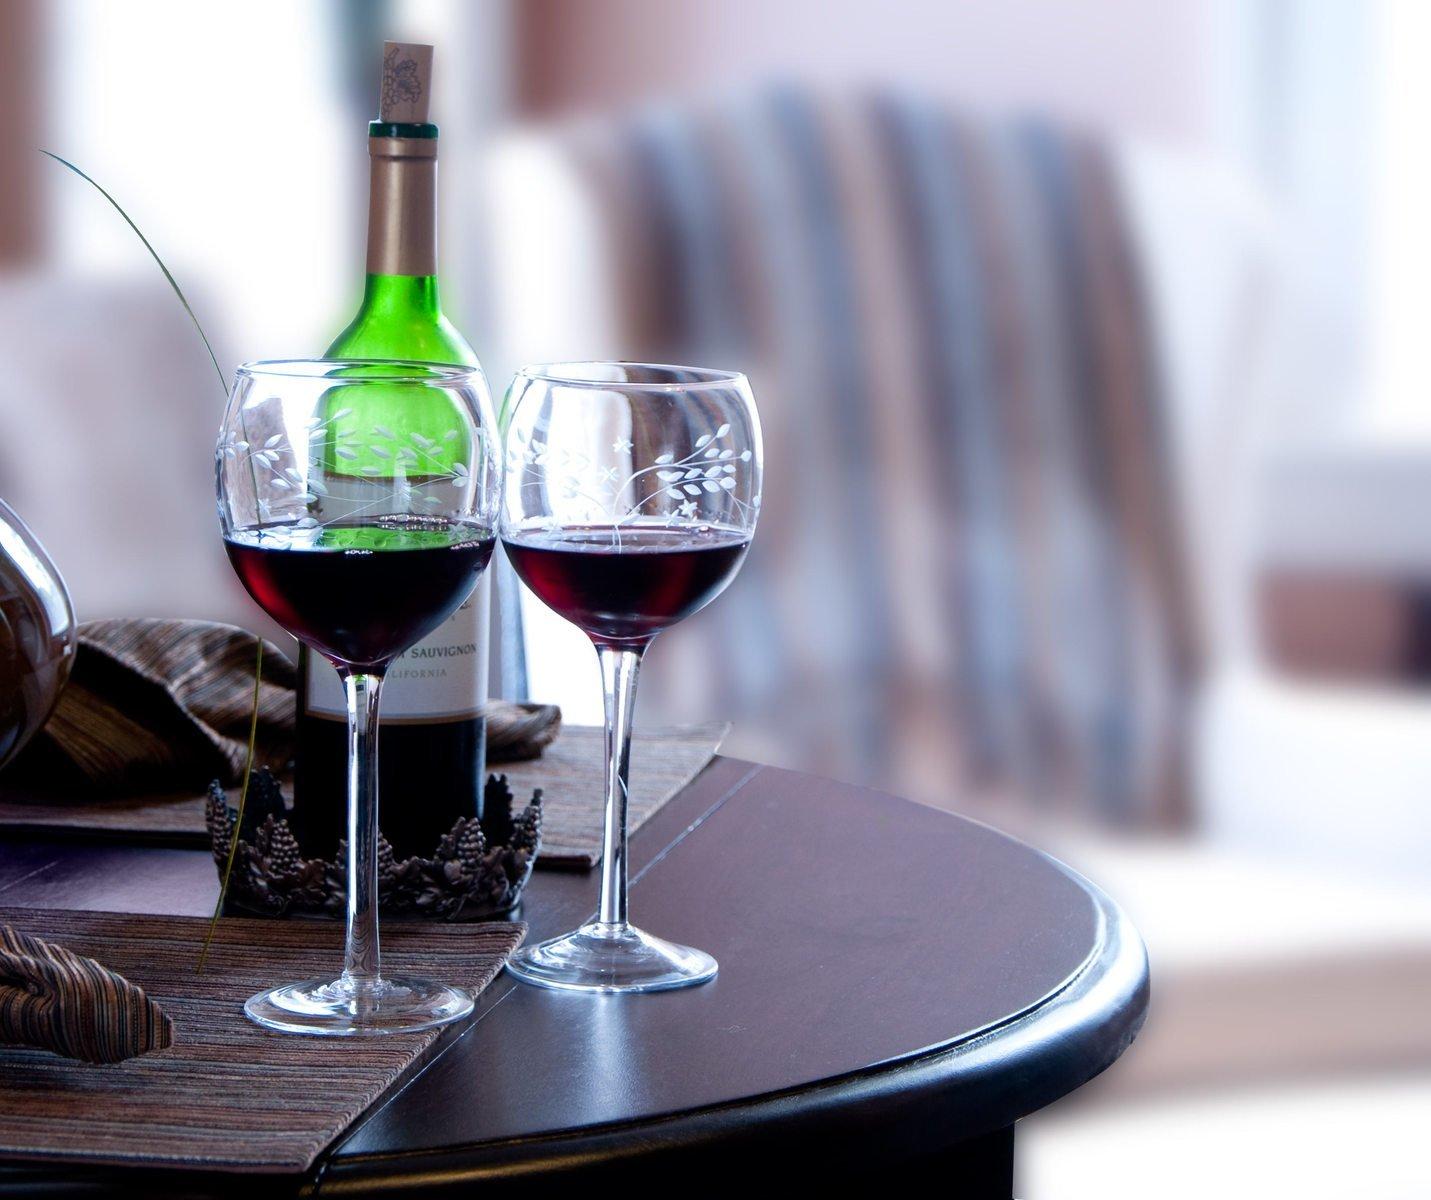 Conseils Pour Choisir Une Bonne Bouteille De Vin